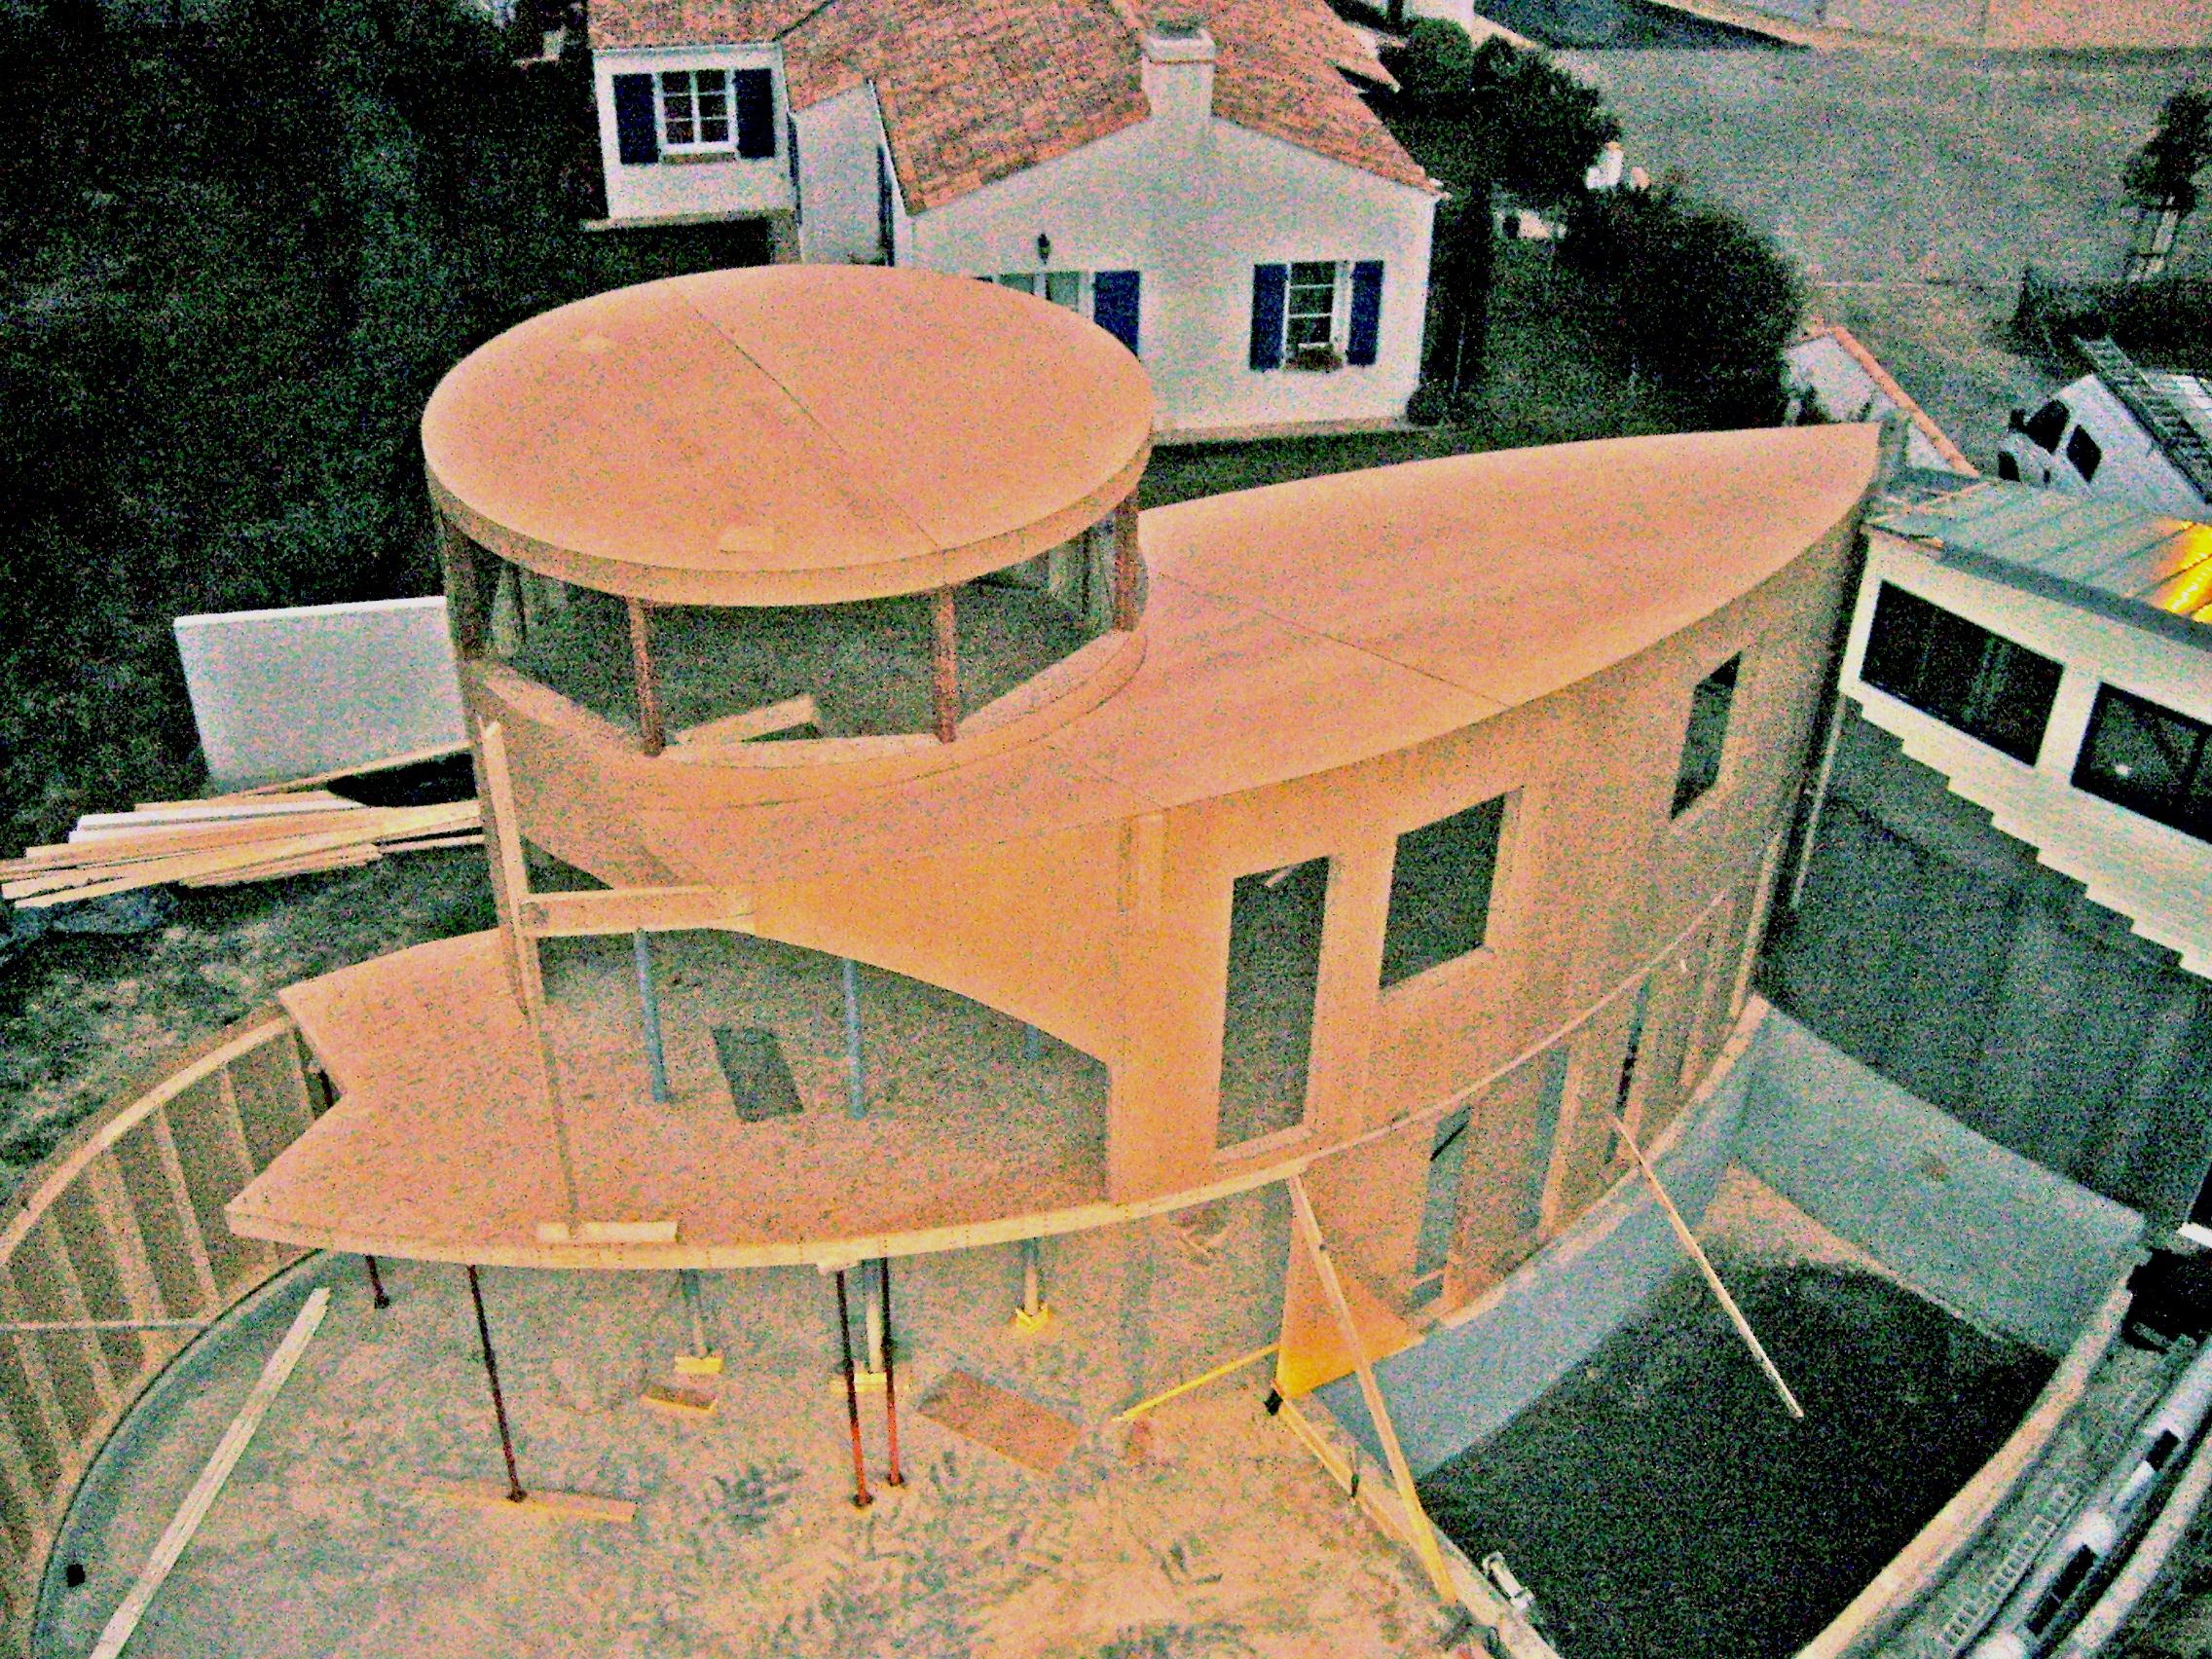 Maison Bois Vend E Argos Architecture Maison Organique